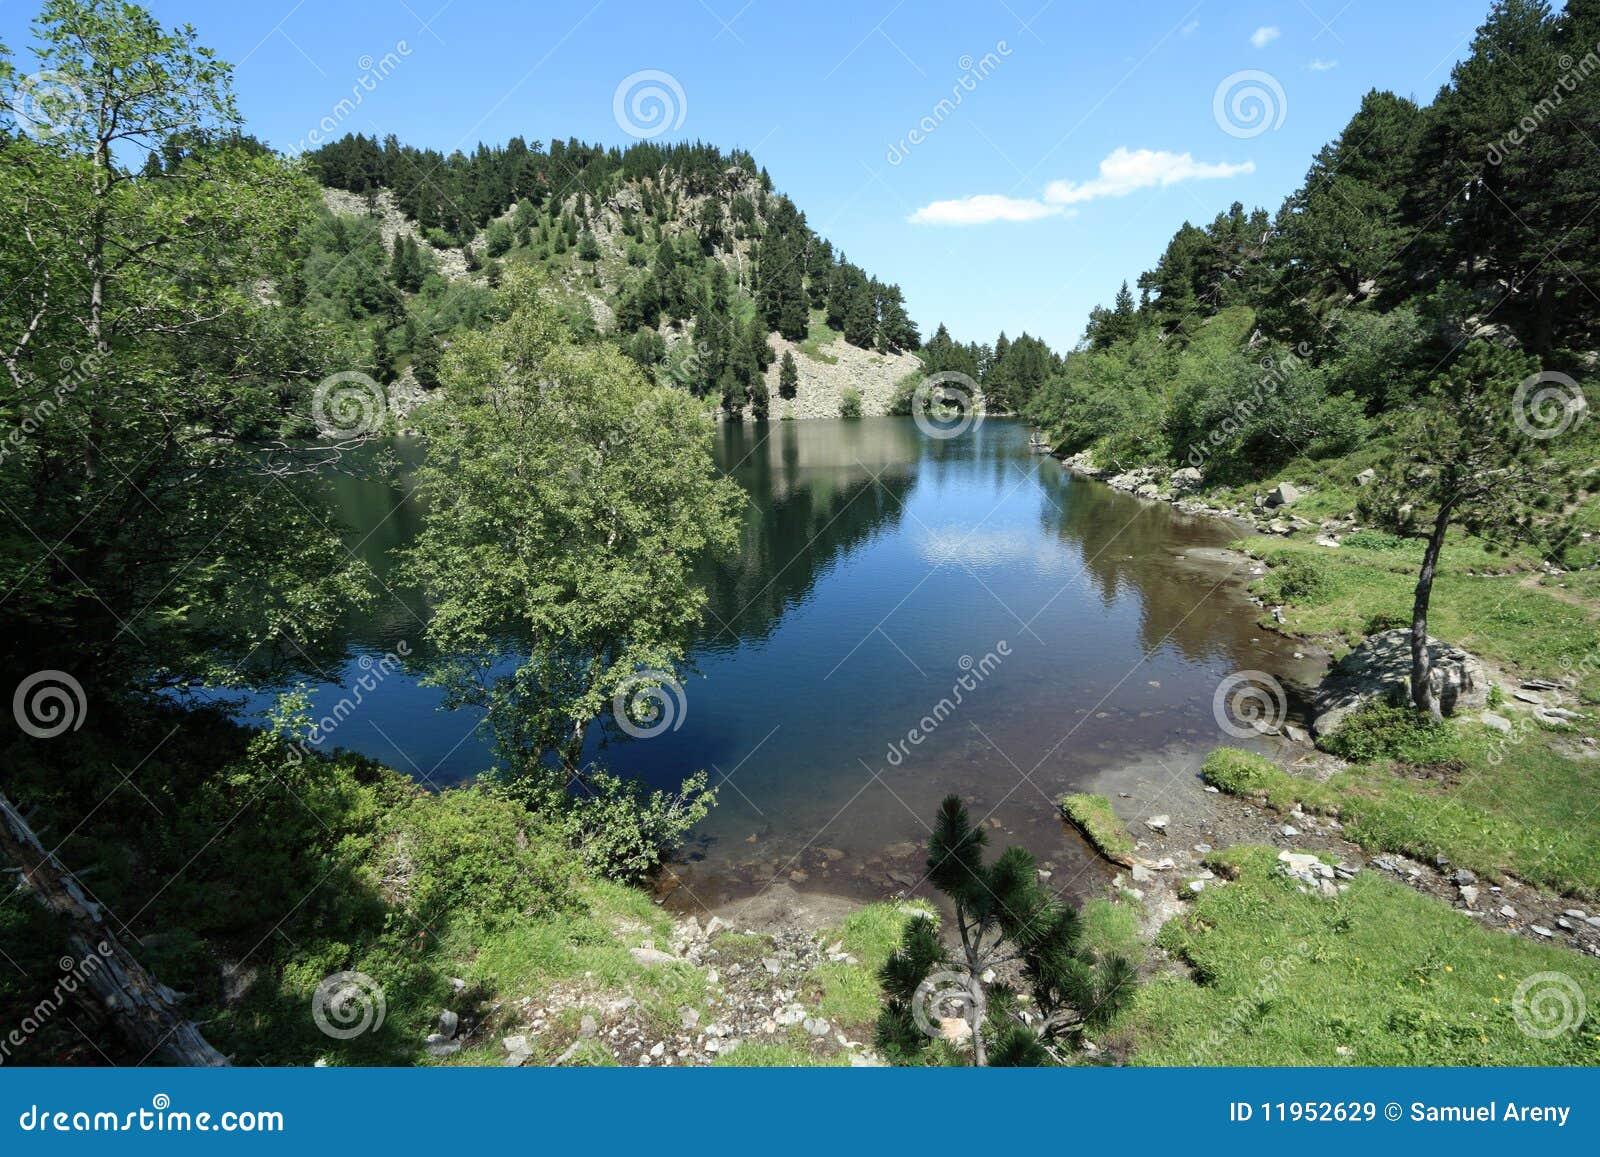 Balbonne See in Pyrenees